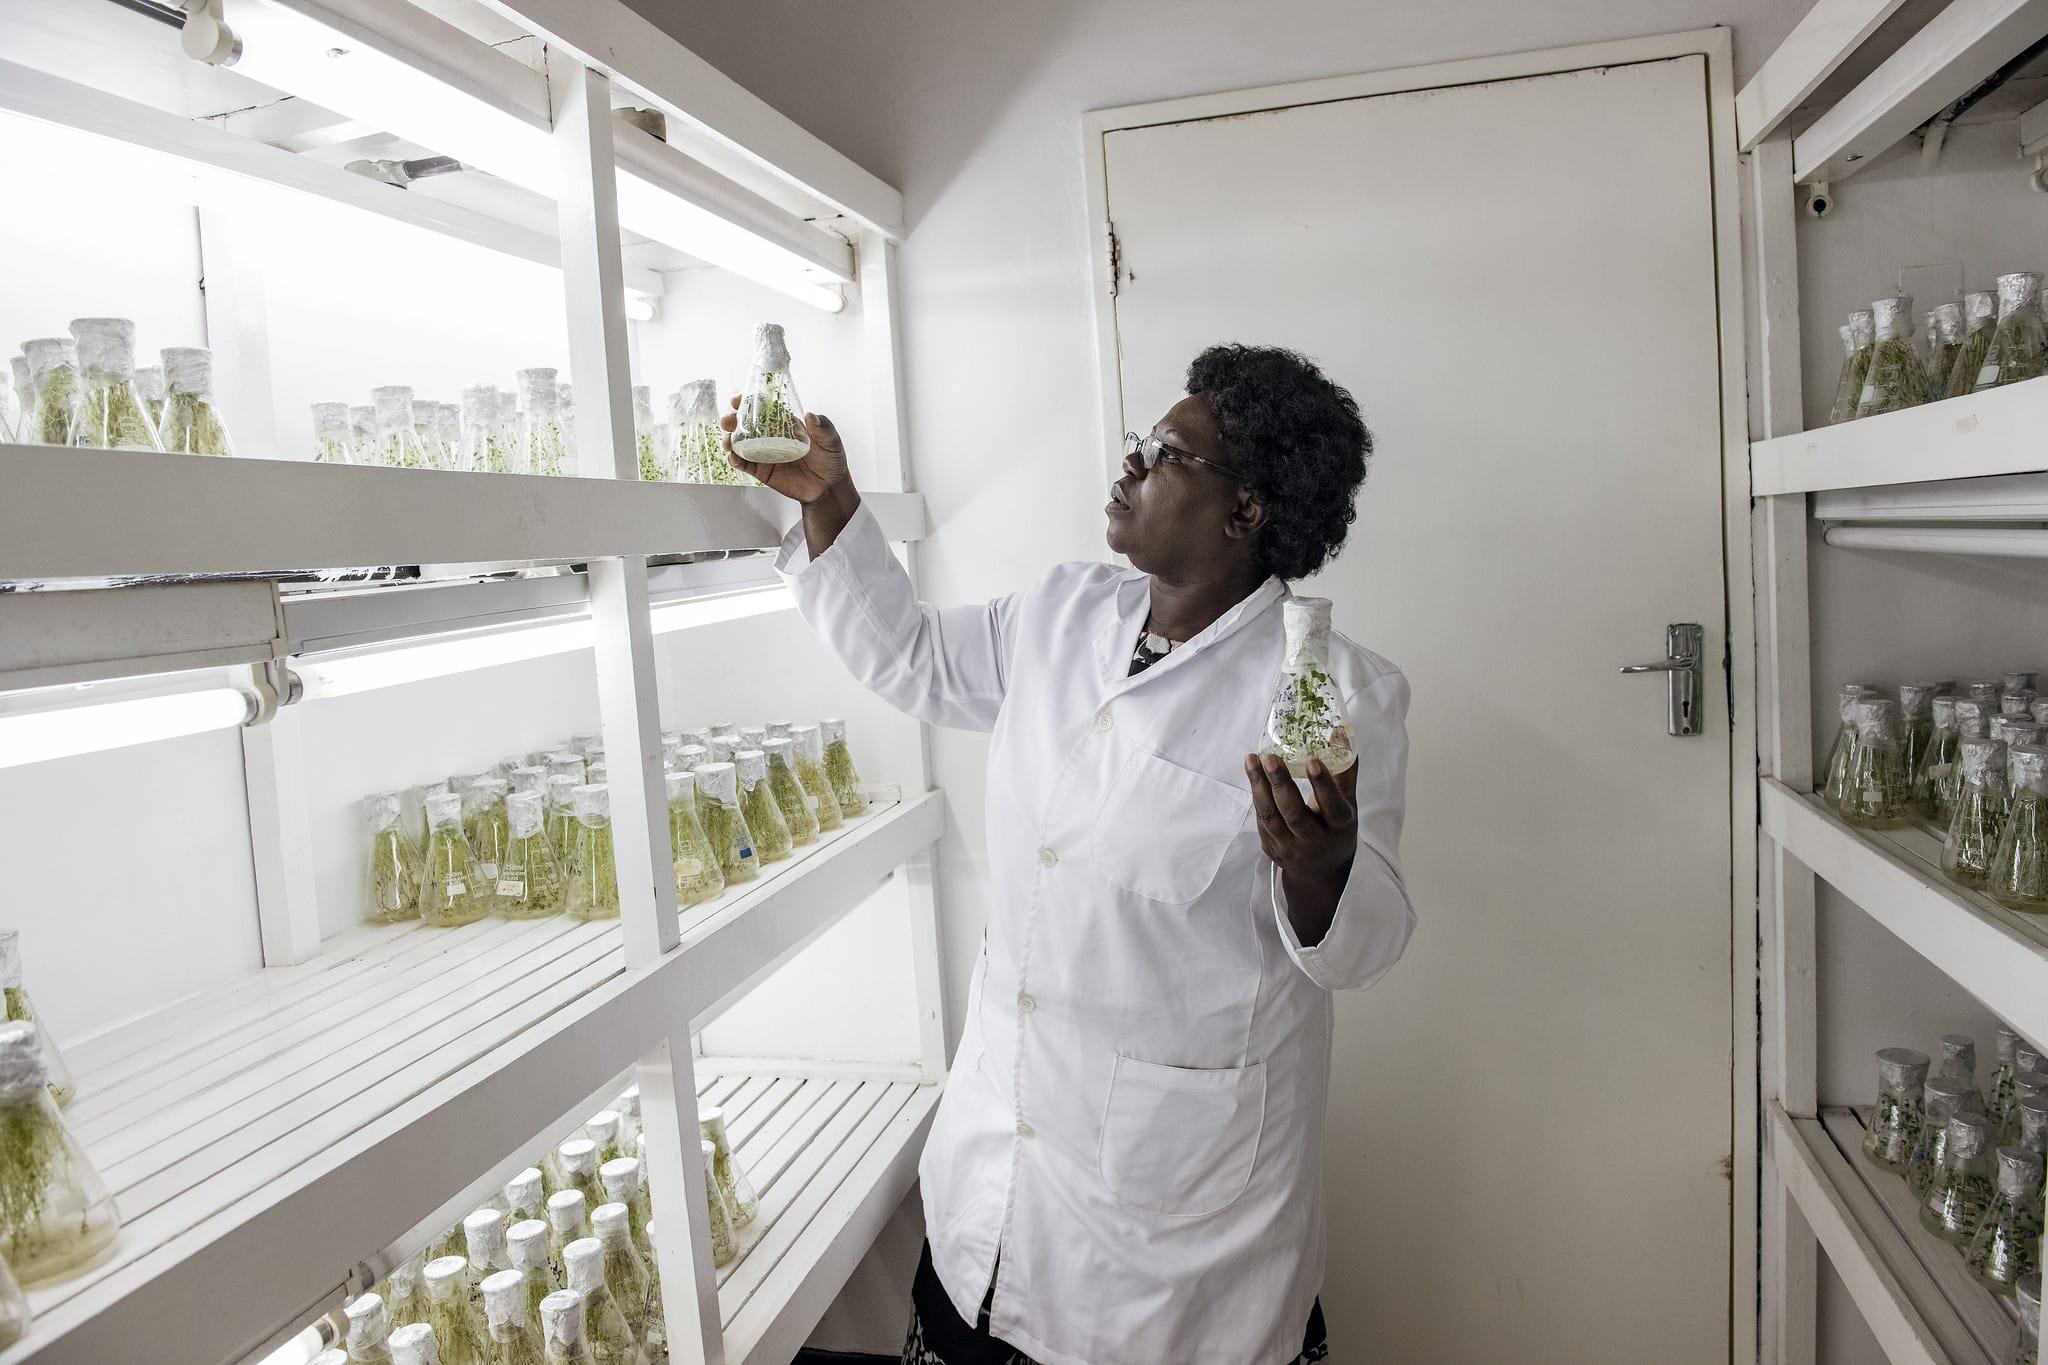 Header image of CIP scientist